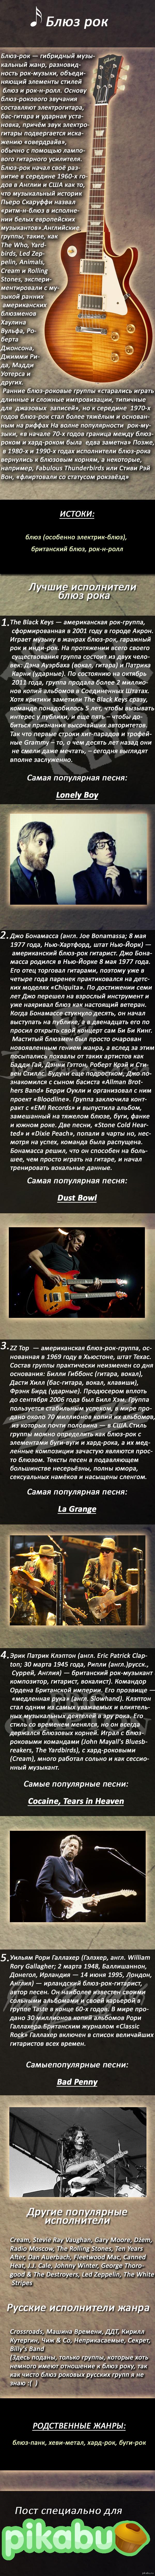 Блюз рок (Жанры рок и метал музыки) Продолжение описаний жанров рок музыки. На этот раз - Блюз рок. Рейтинг исполнителей - мой; Рейтинг песен - Last.FM. =)